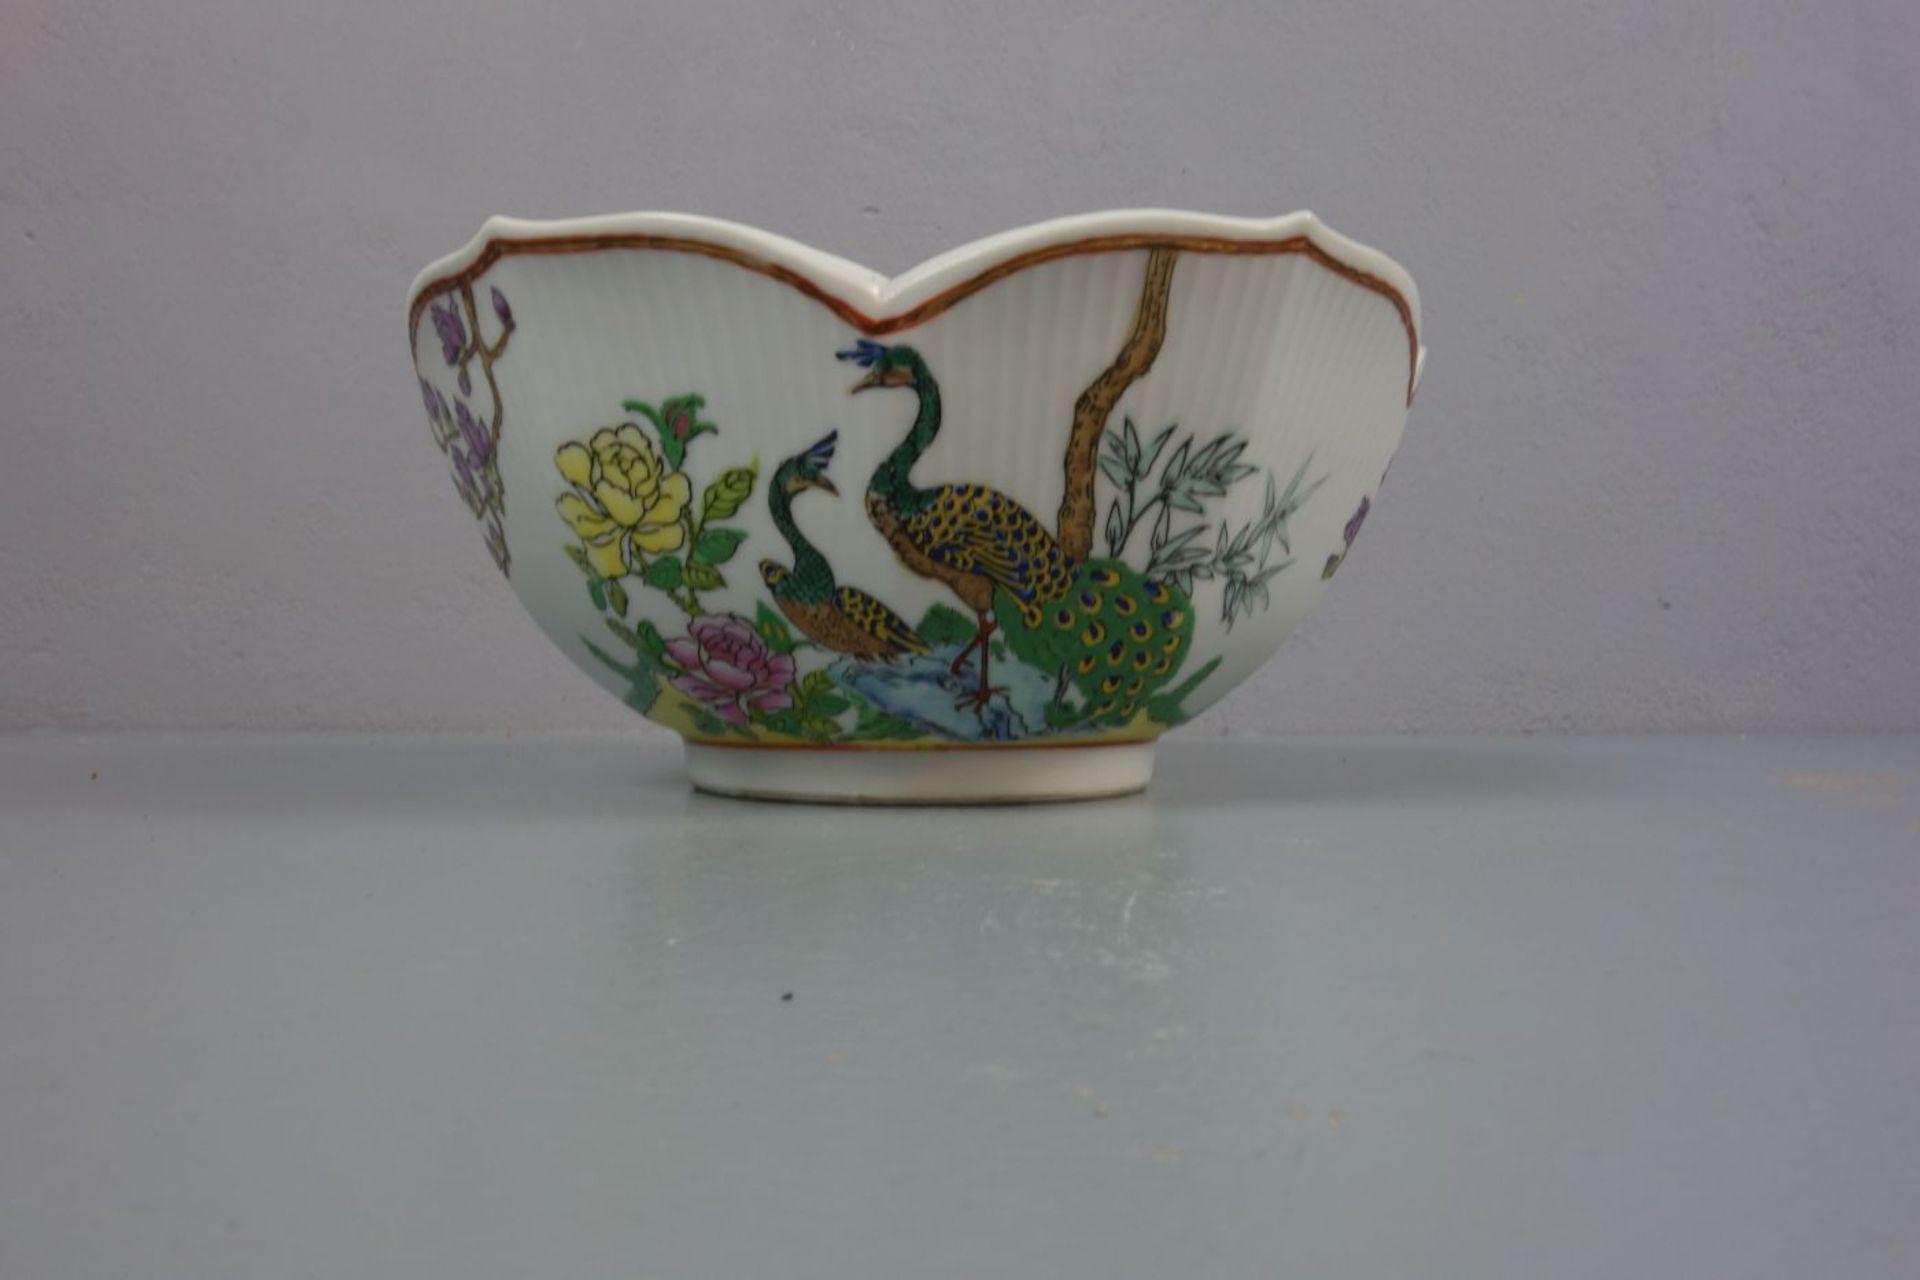 Los 336 - CHINESISCHE SCHALE / bowl, Porzellan, unter dem Stand aufglasurrot gemarkt mit Vasenmotiv,...